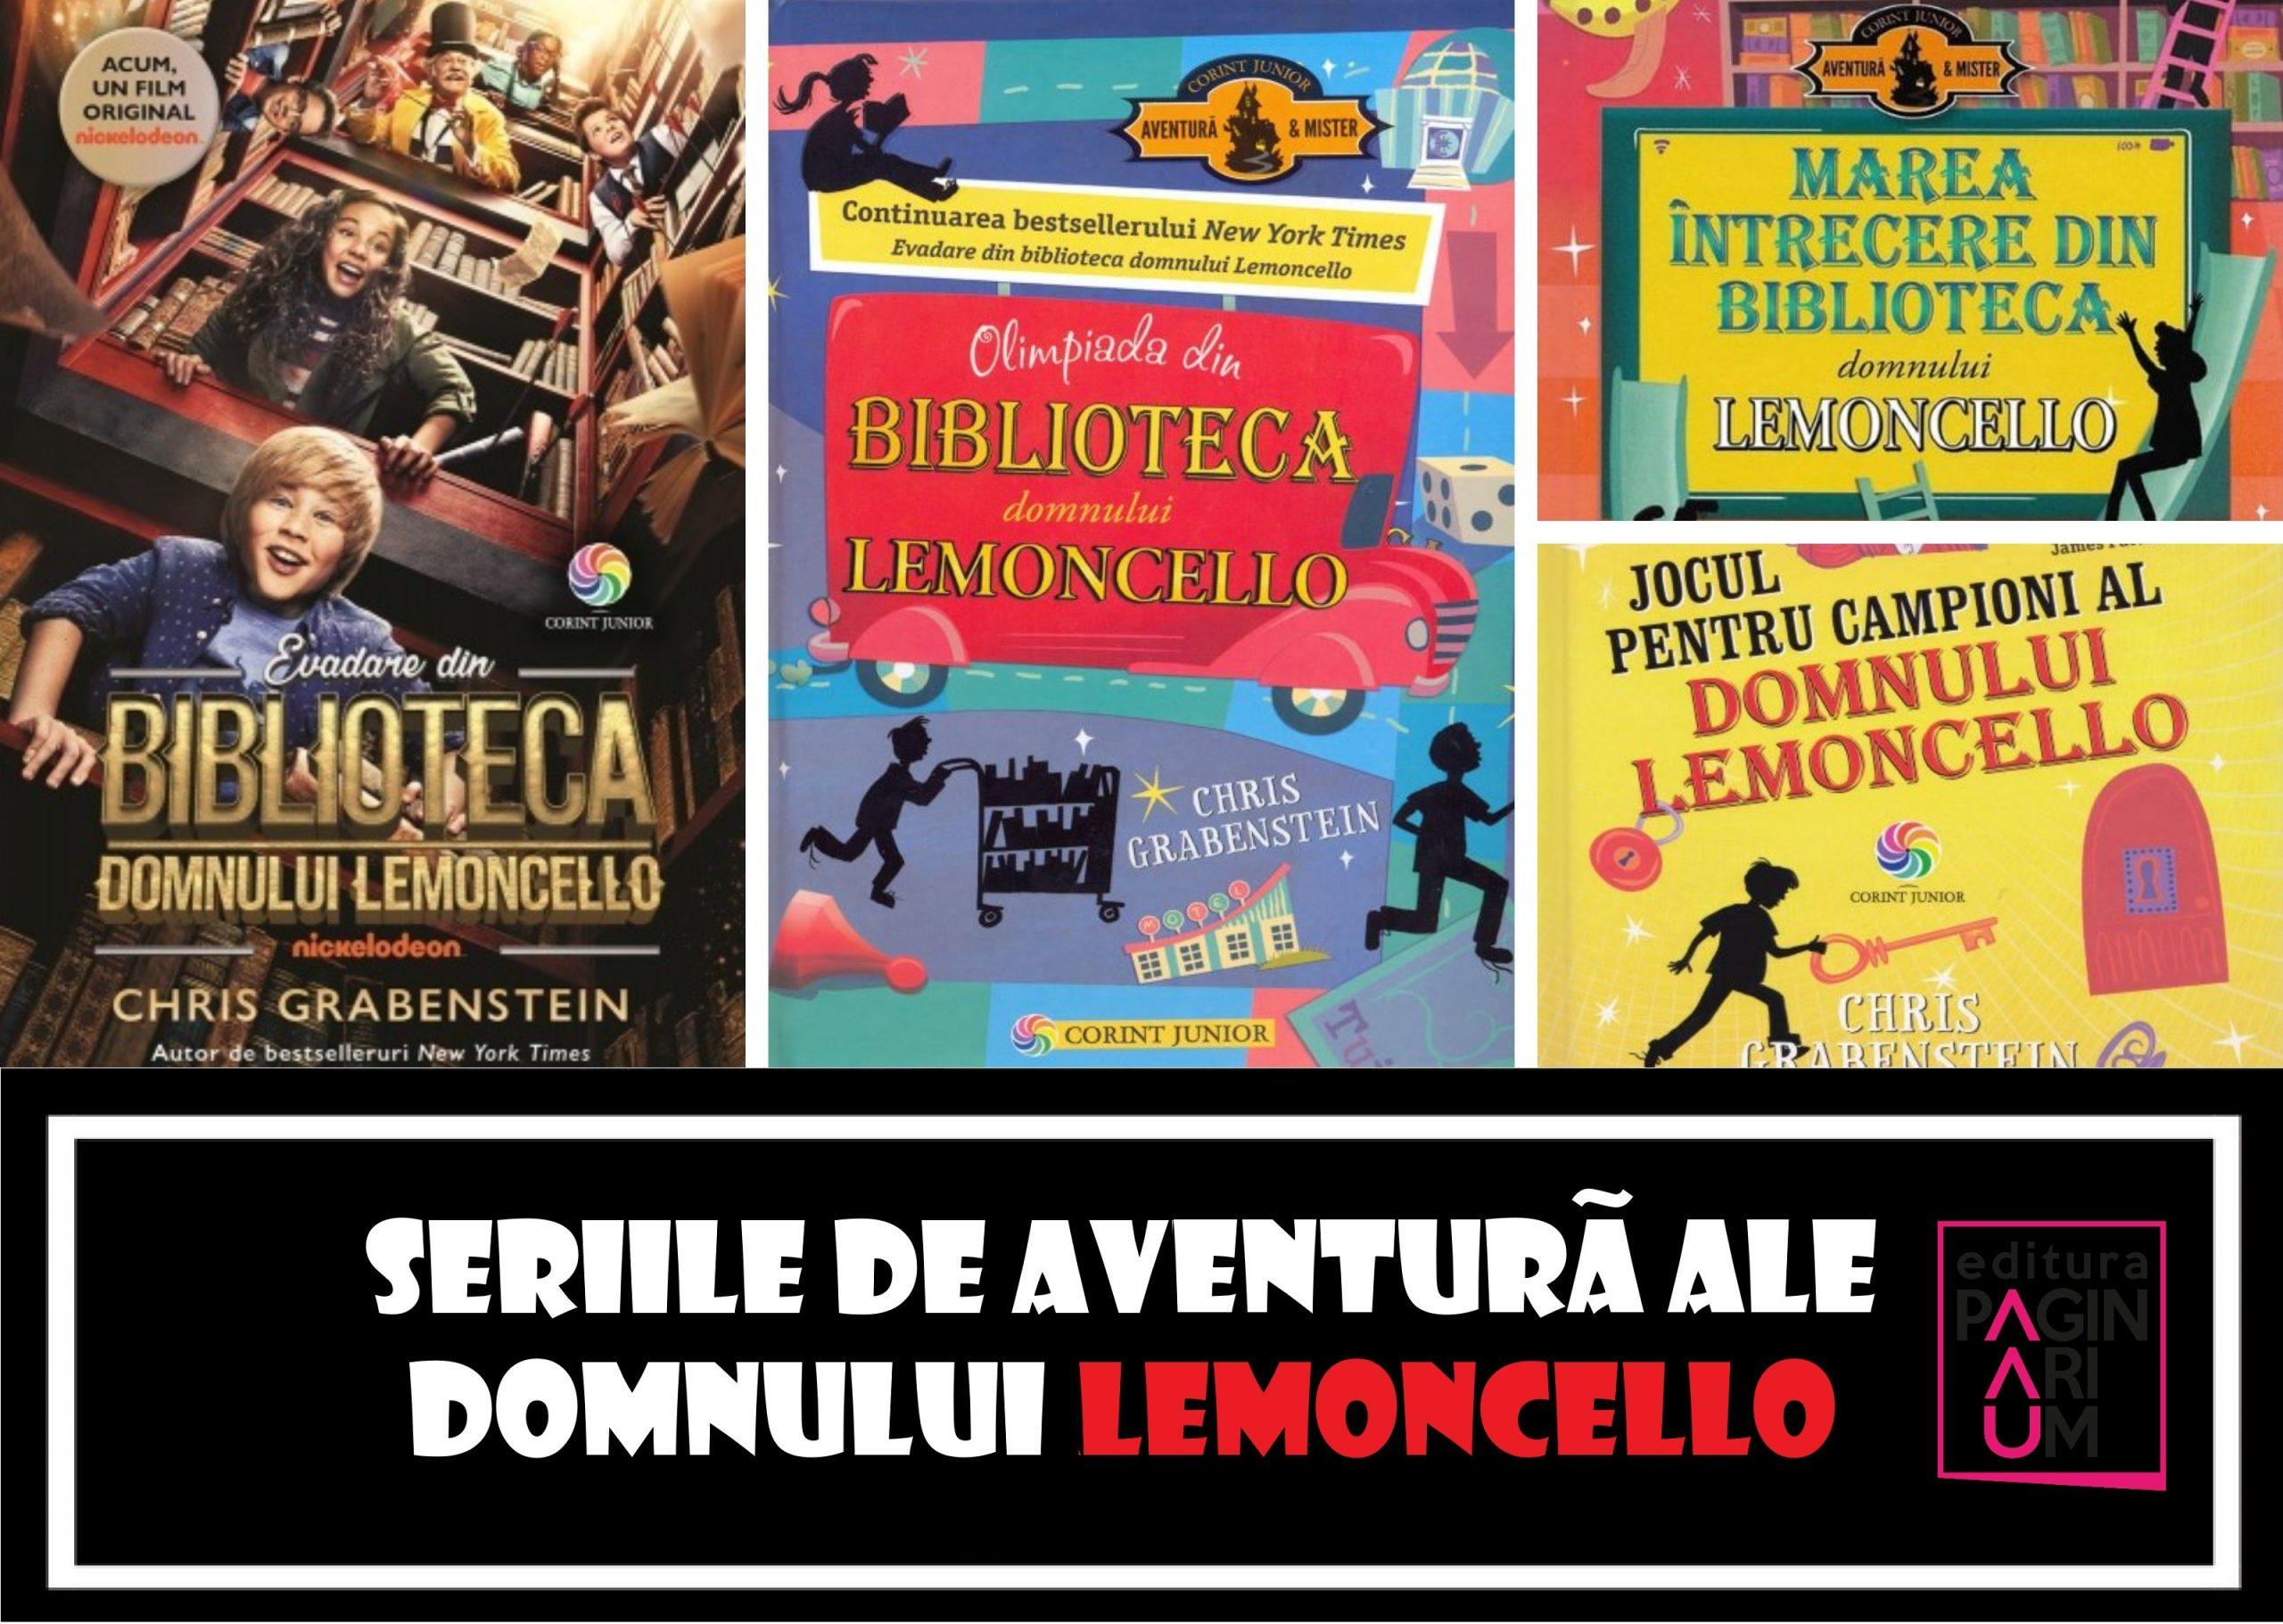 Seria de aventură a domnului Lemoncello